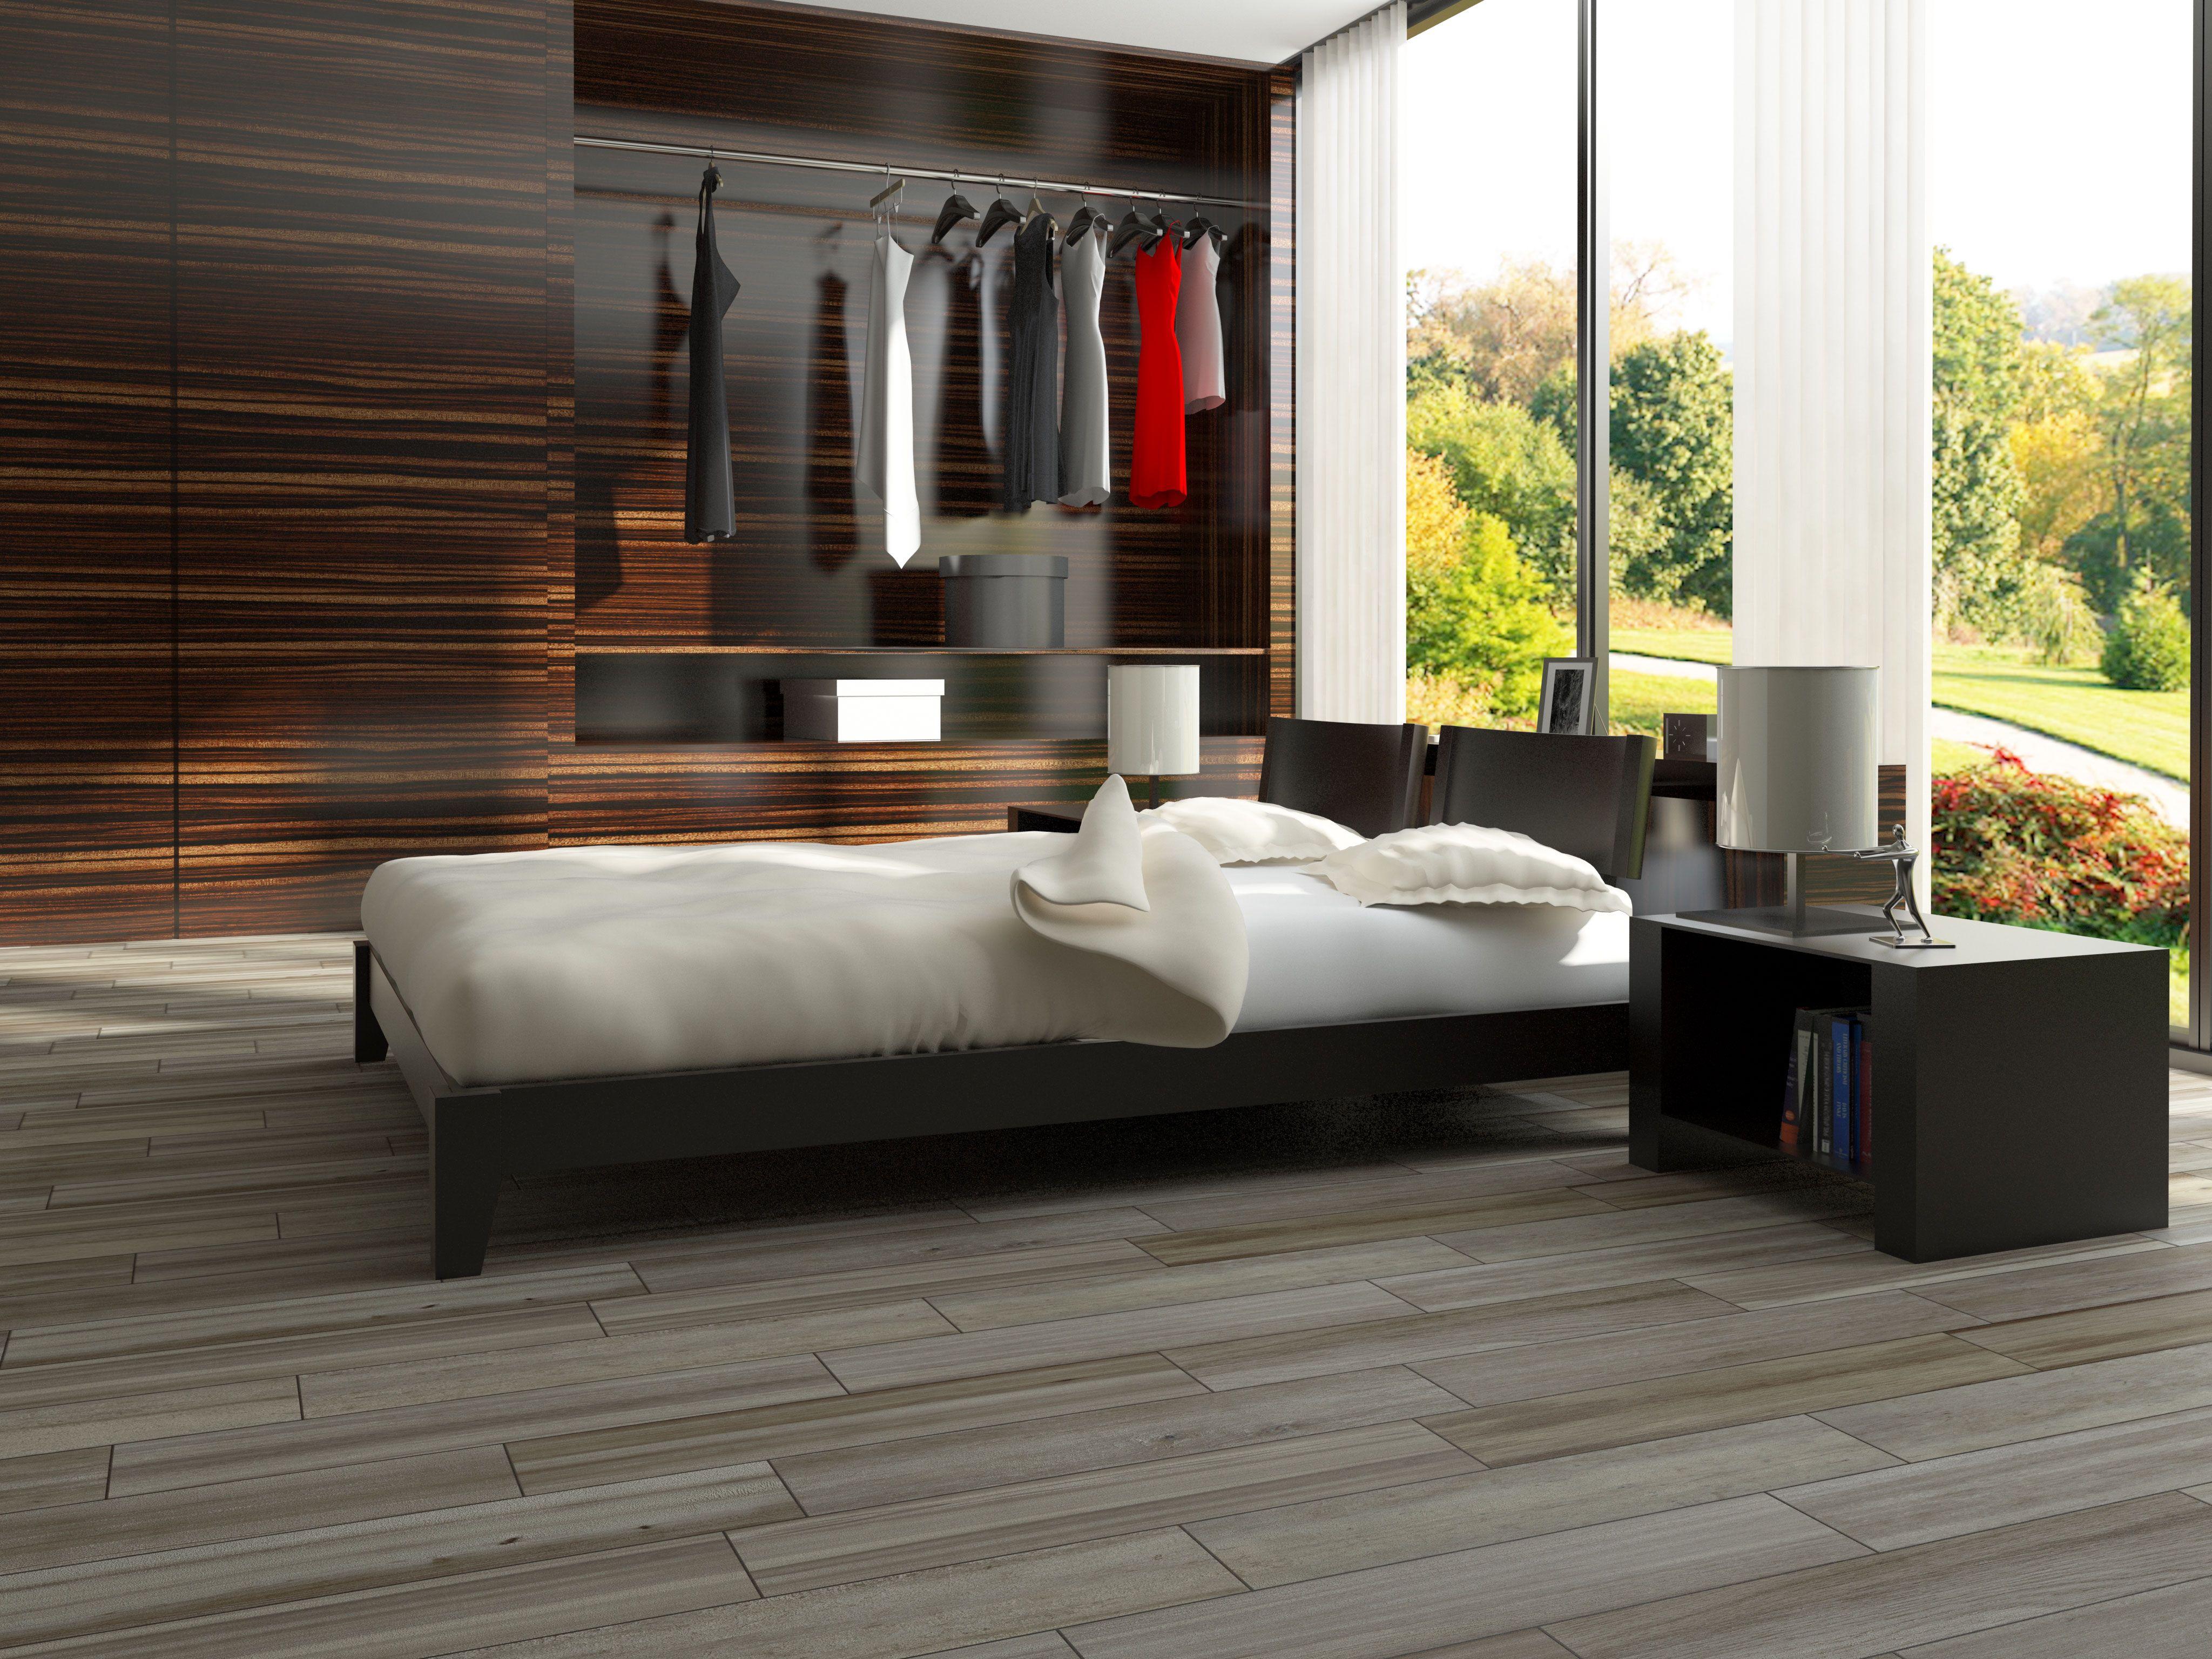 interceramic Trio Legno - Cacao | Outdoor flooring, Flooring ...